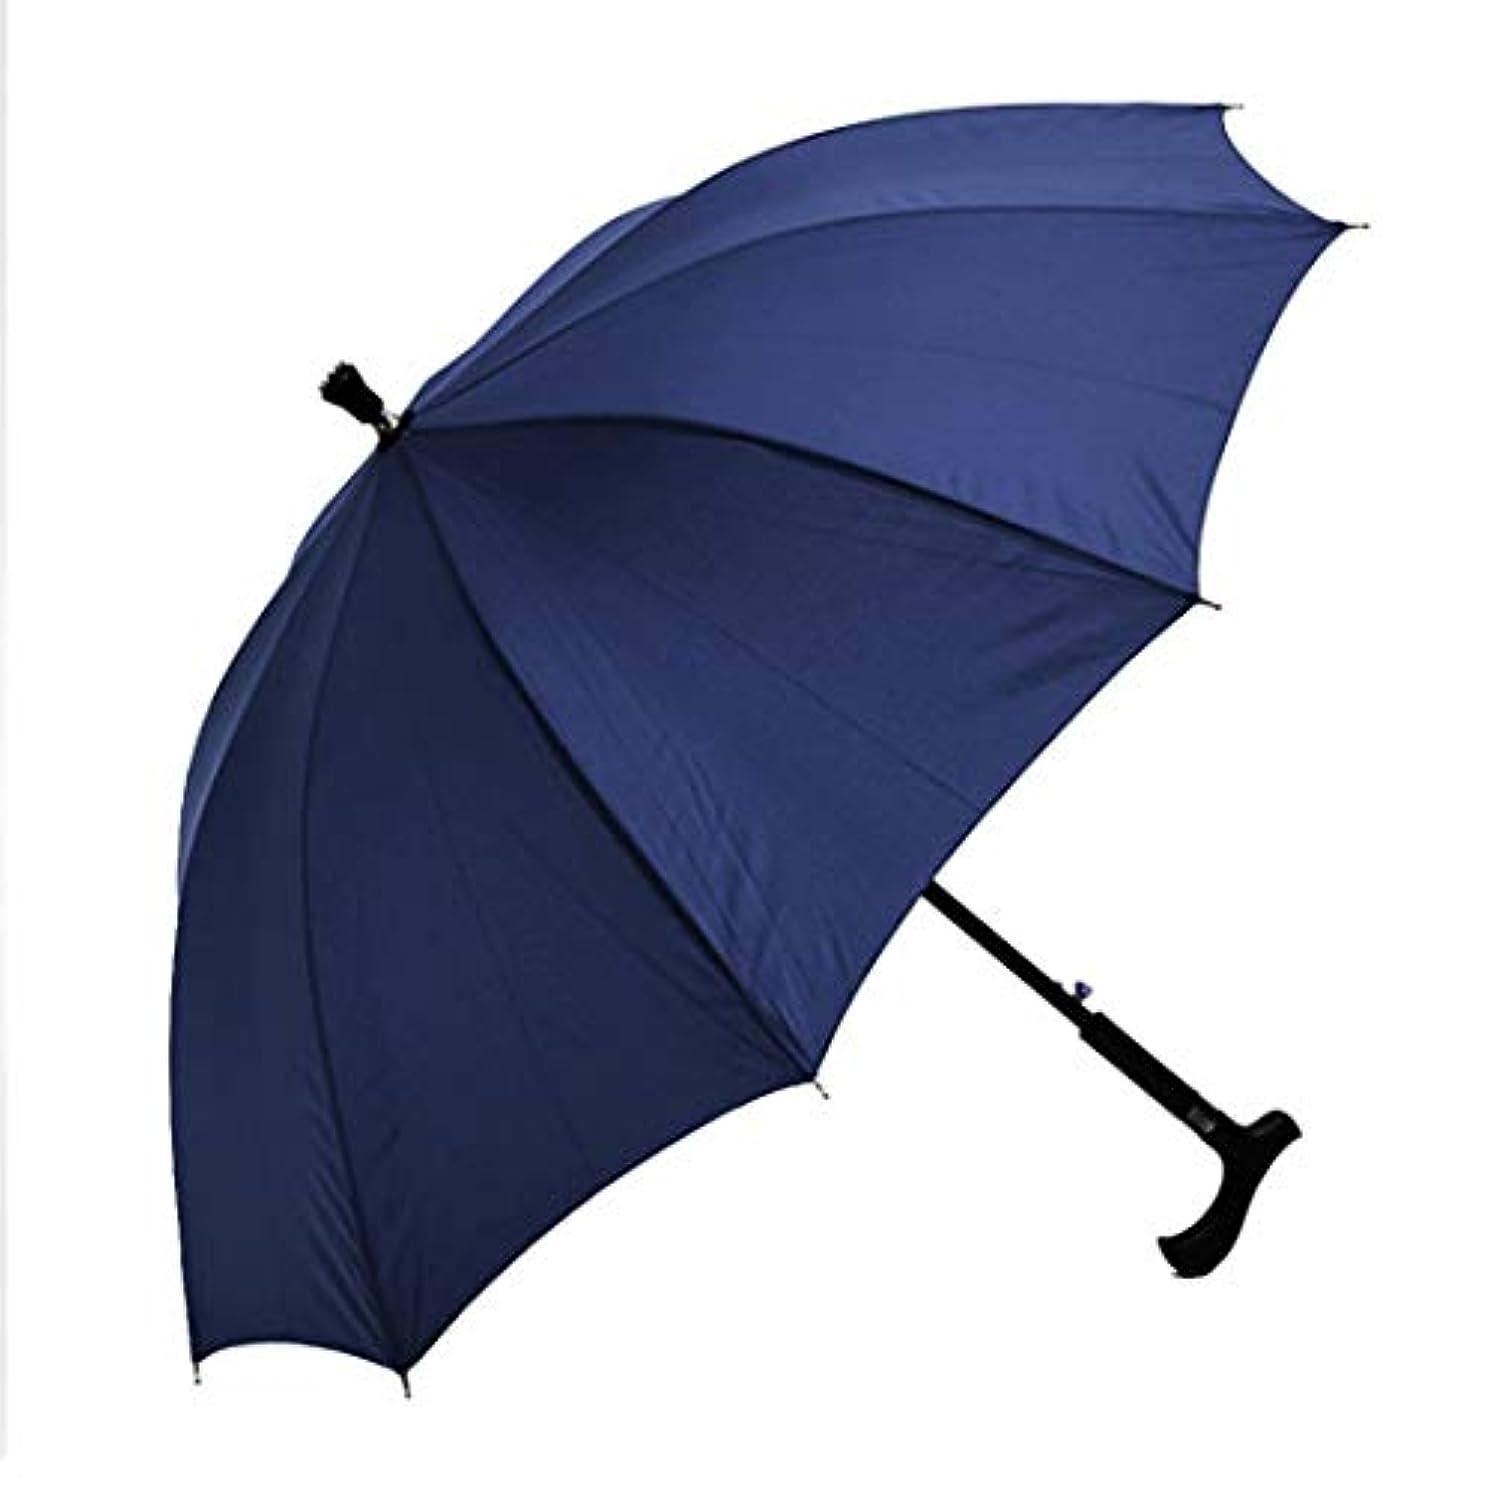 カーペット代わりに財団comentrisyz 2-in-1 クライミング ハイキング スティック 松葉杖 防風雨 サン 傘 - ブルー